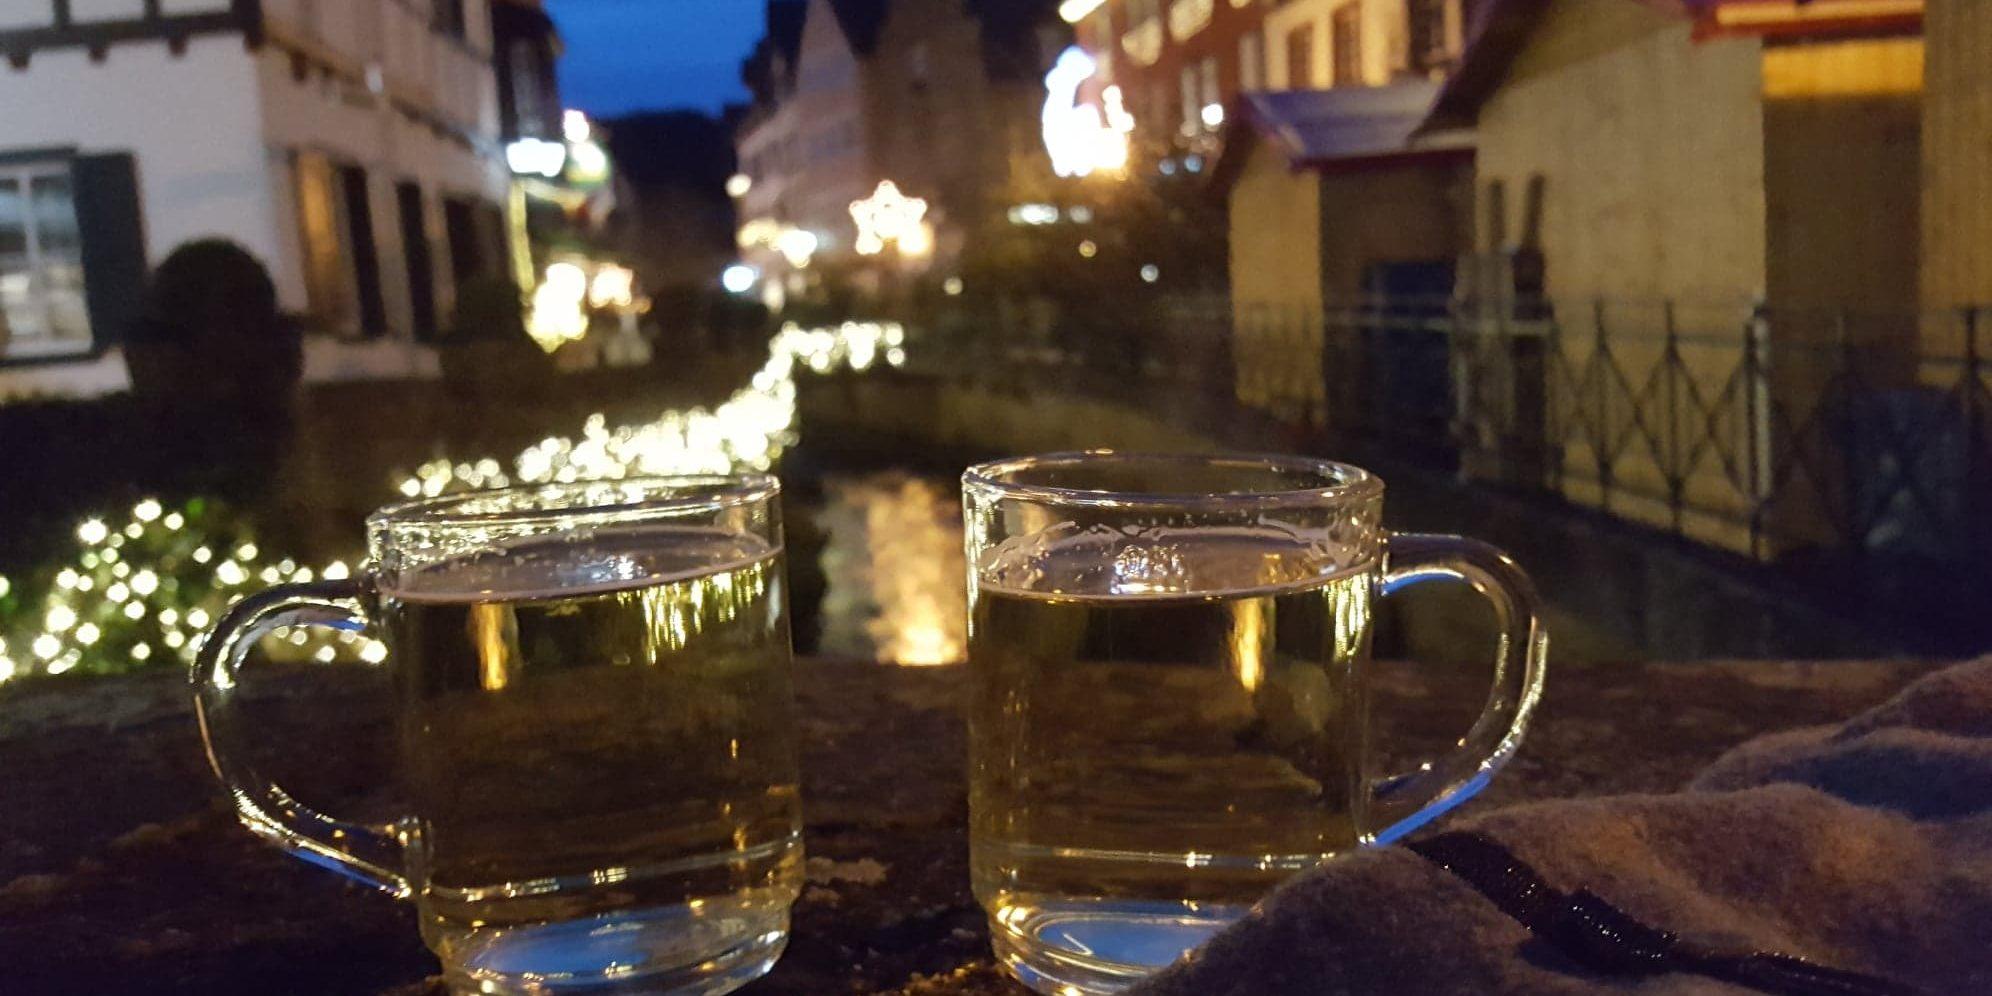 Weihnachtsmarkt Beginn 2019.Weihnachtsmarkt 2019 Bad Münstereifel Aktiv